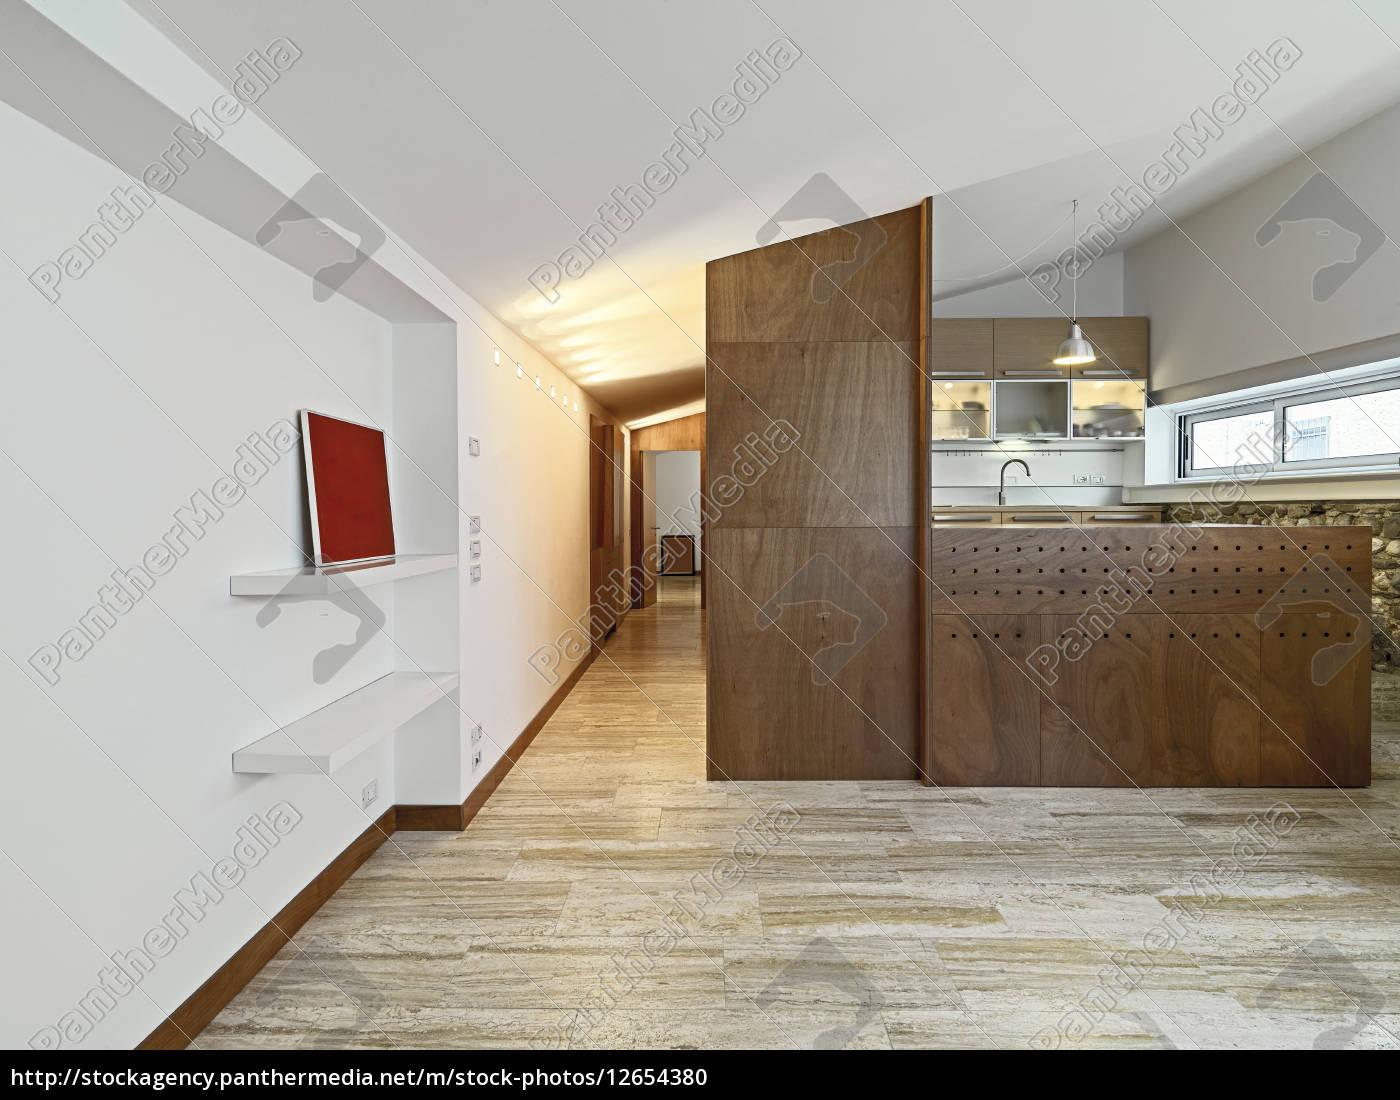 Full Size of Holzküche Auffrischen Holzkche Landhausstil Streichen Welche Farbe Neu Vollholzküche Massivholzküche Wohnzimmer Holzküche Auffrischen